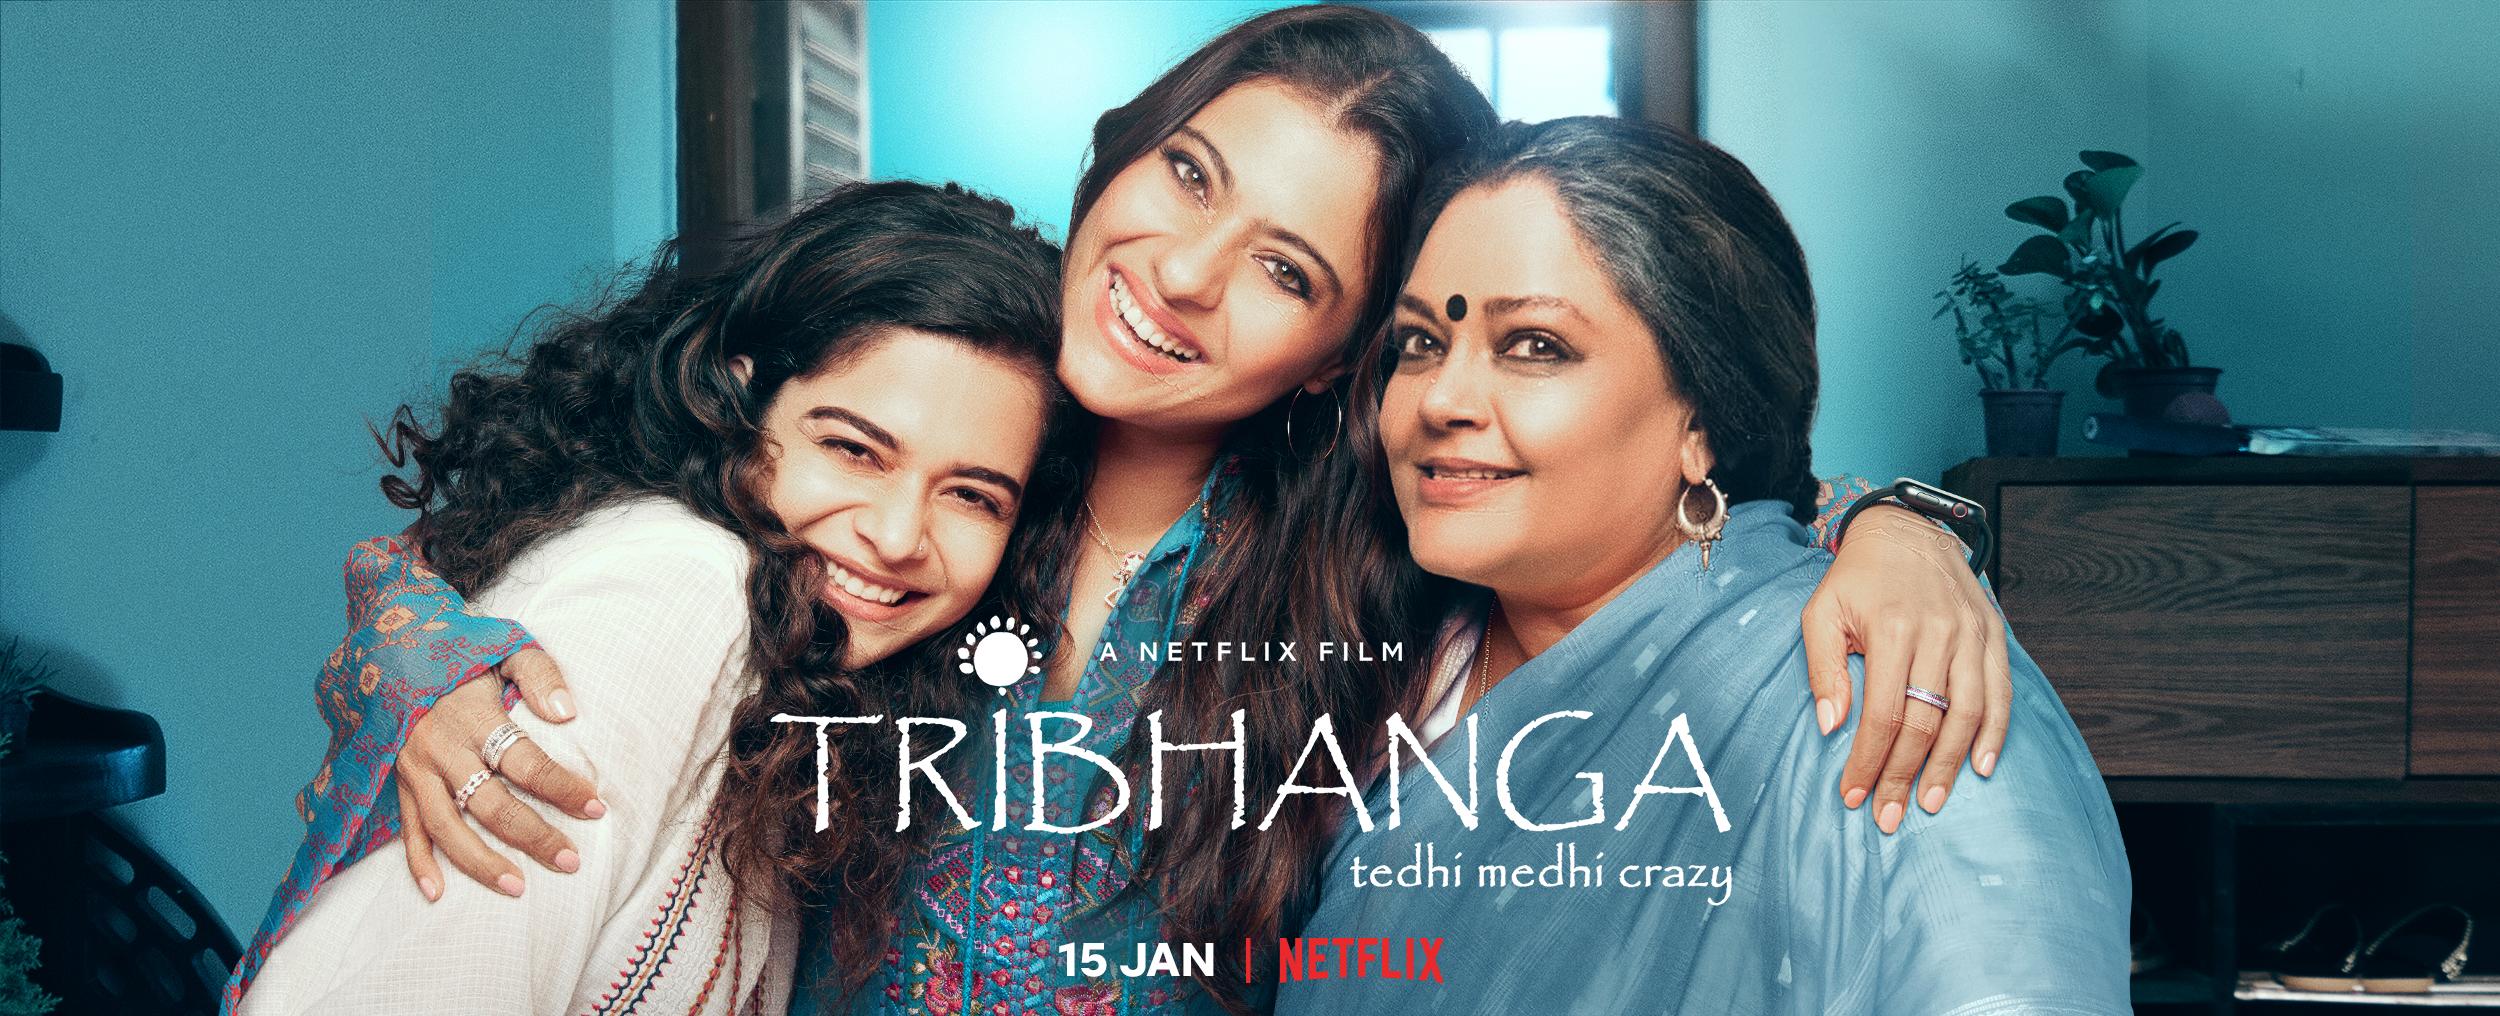 Netflix Unveils The Trailer Of Tribhanga: Tedhi Medhi Crazy